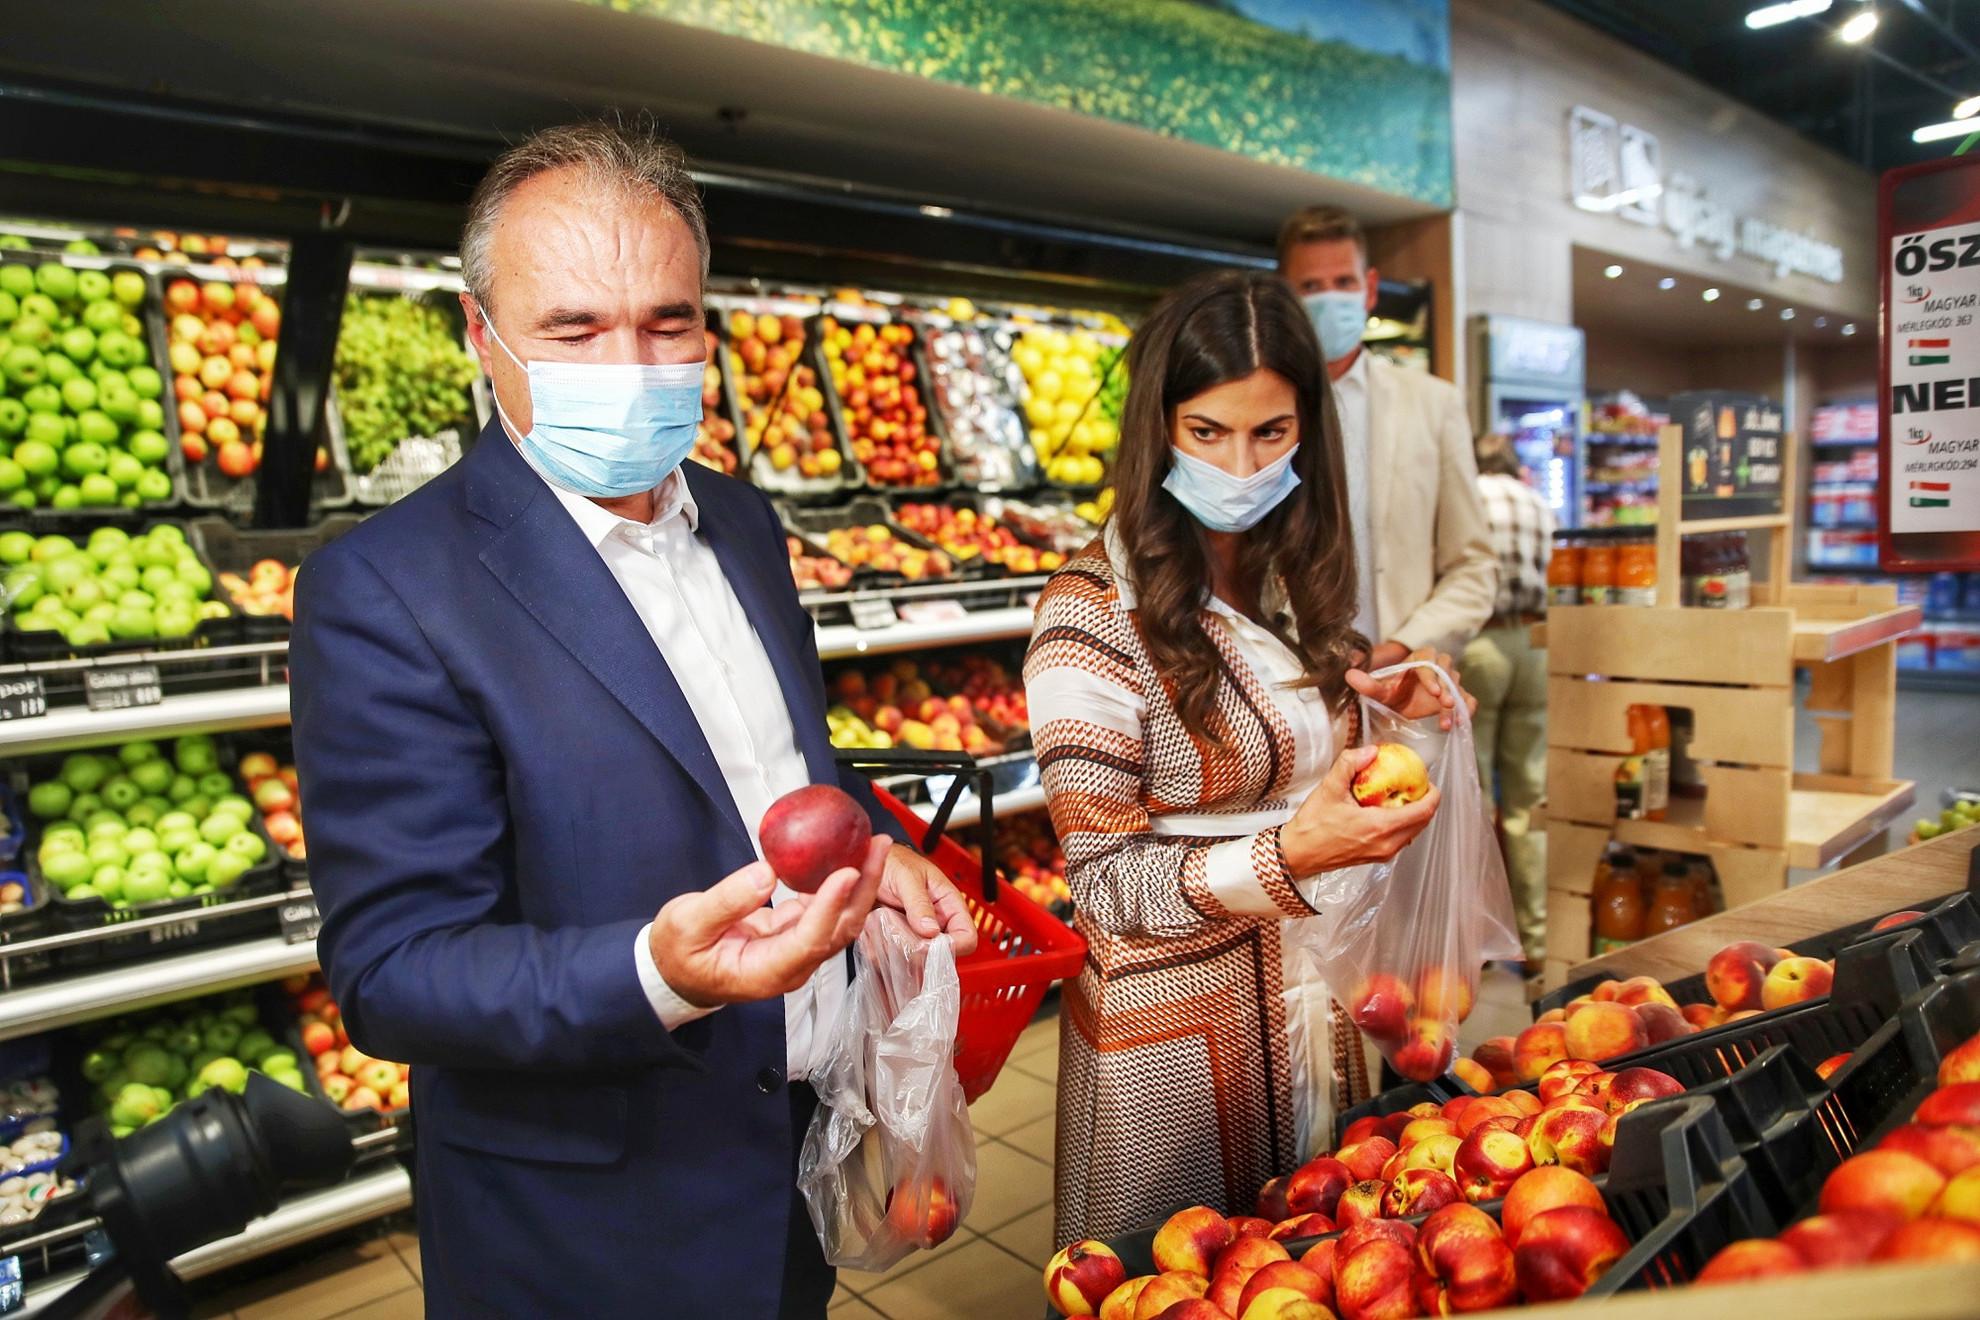 Nagy István agrárminiszter és Szentkirályi Alexandra kormányszóvivő hazai gyümölcsöket néz a Corvin áruházi CBA Prímában, Budapesten